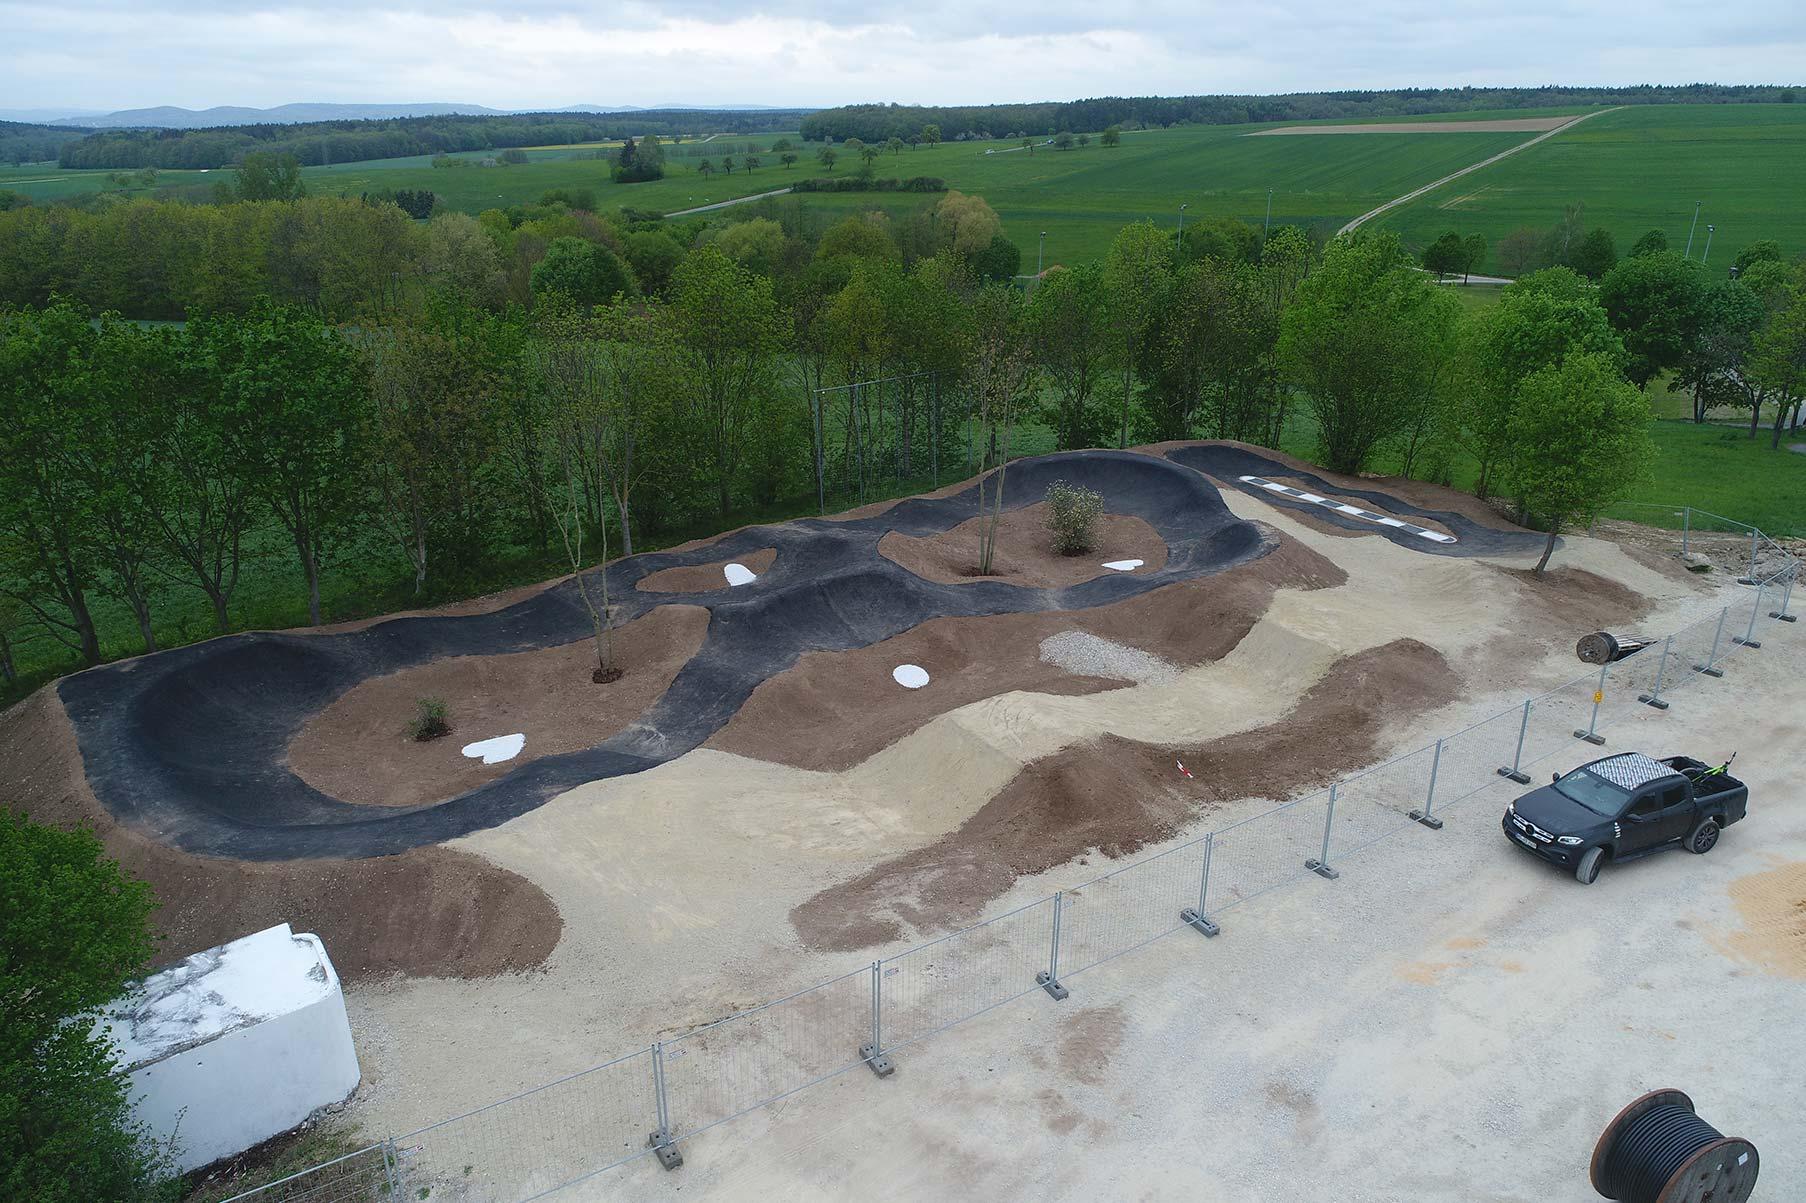 Fertigstellung der Asphaltierungsarbeiten des Pumptrack Litzendorf der Fachfirma RadQuartier GmbH